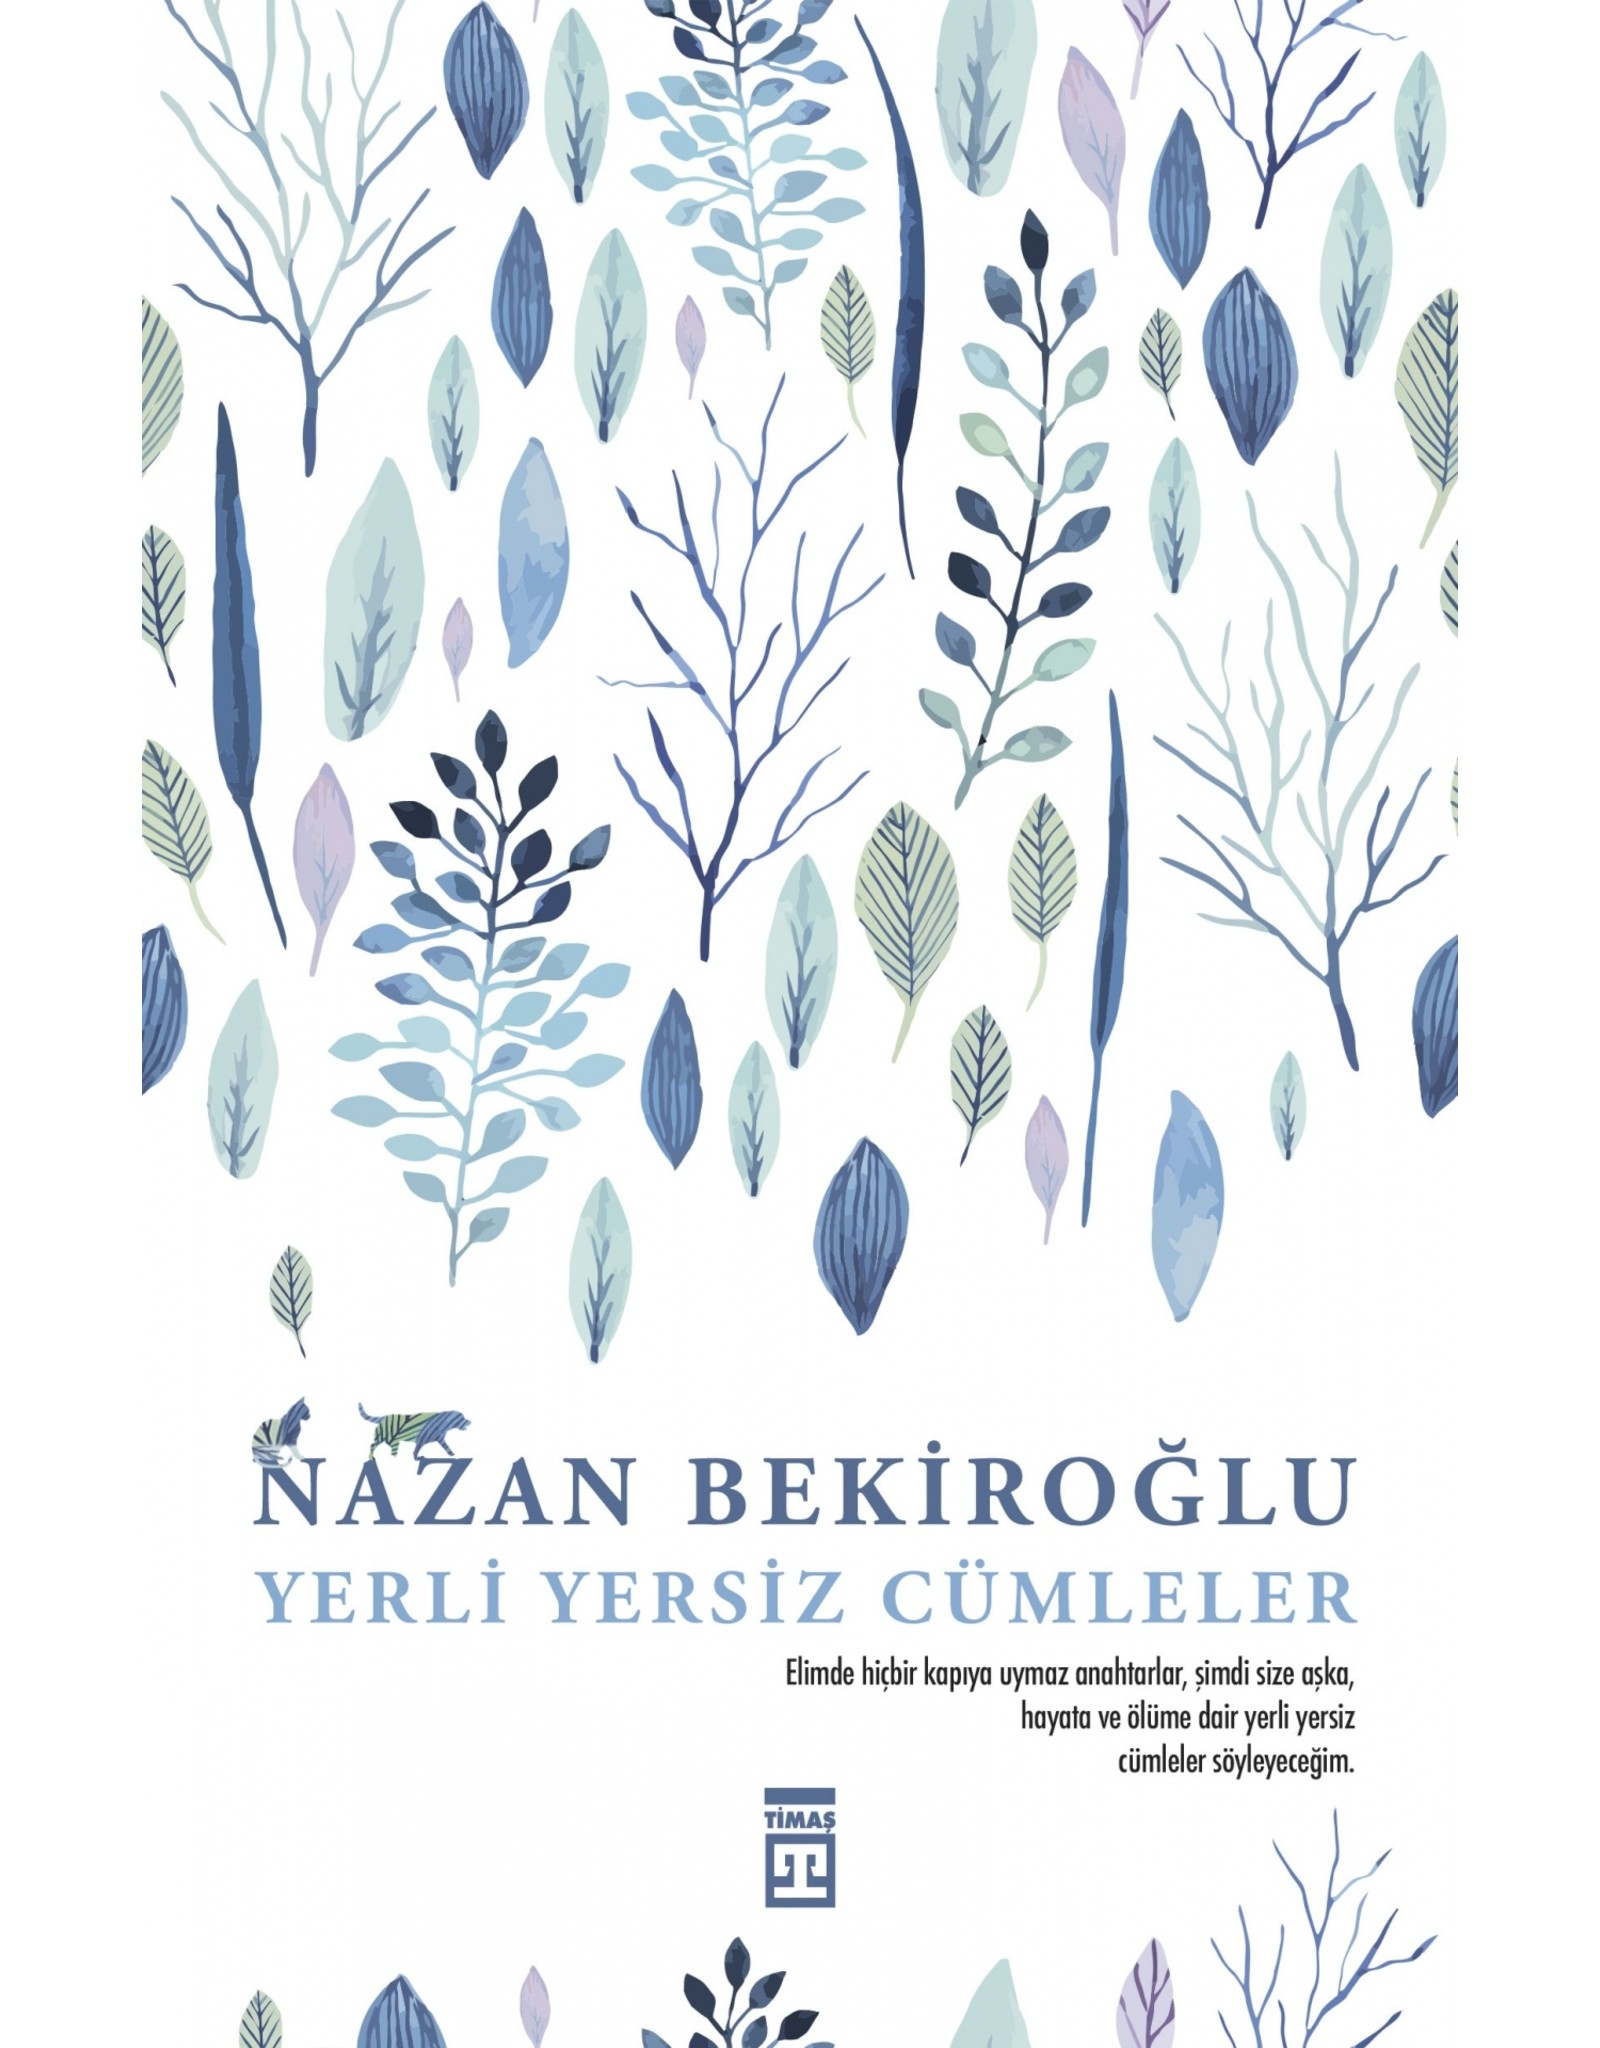 Nazan Bekiroğlu Yerli Yersiz Cümleler